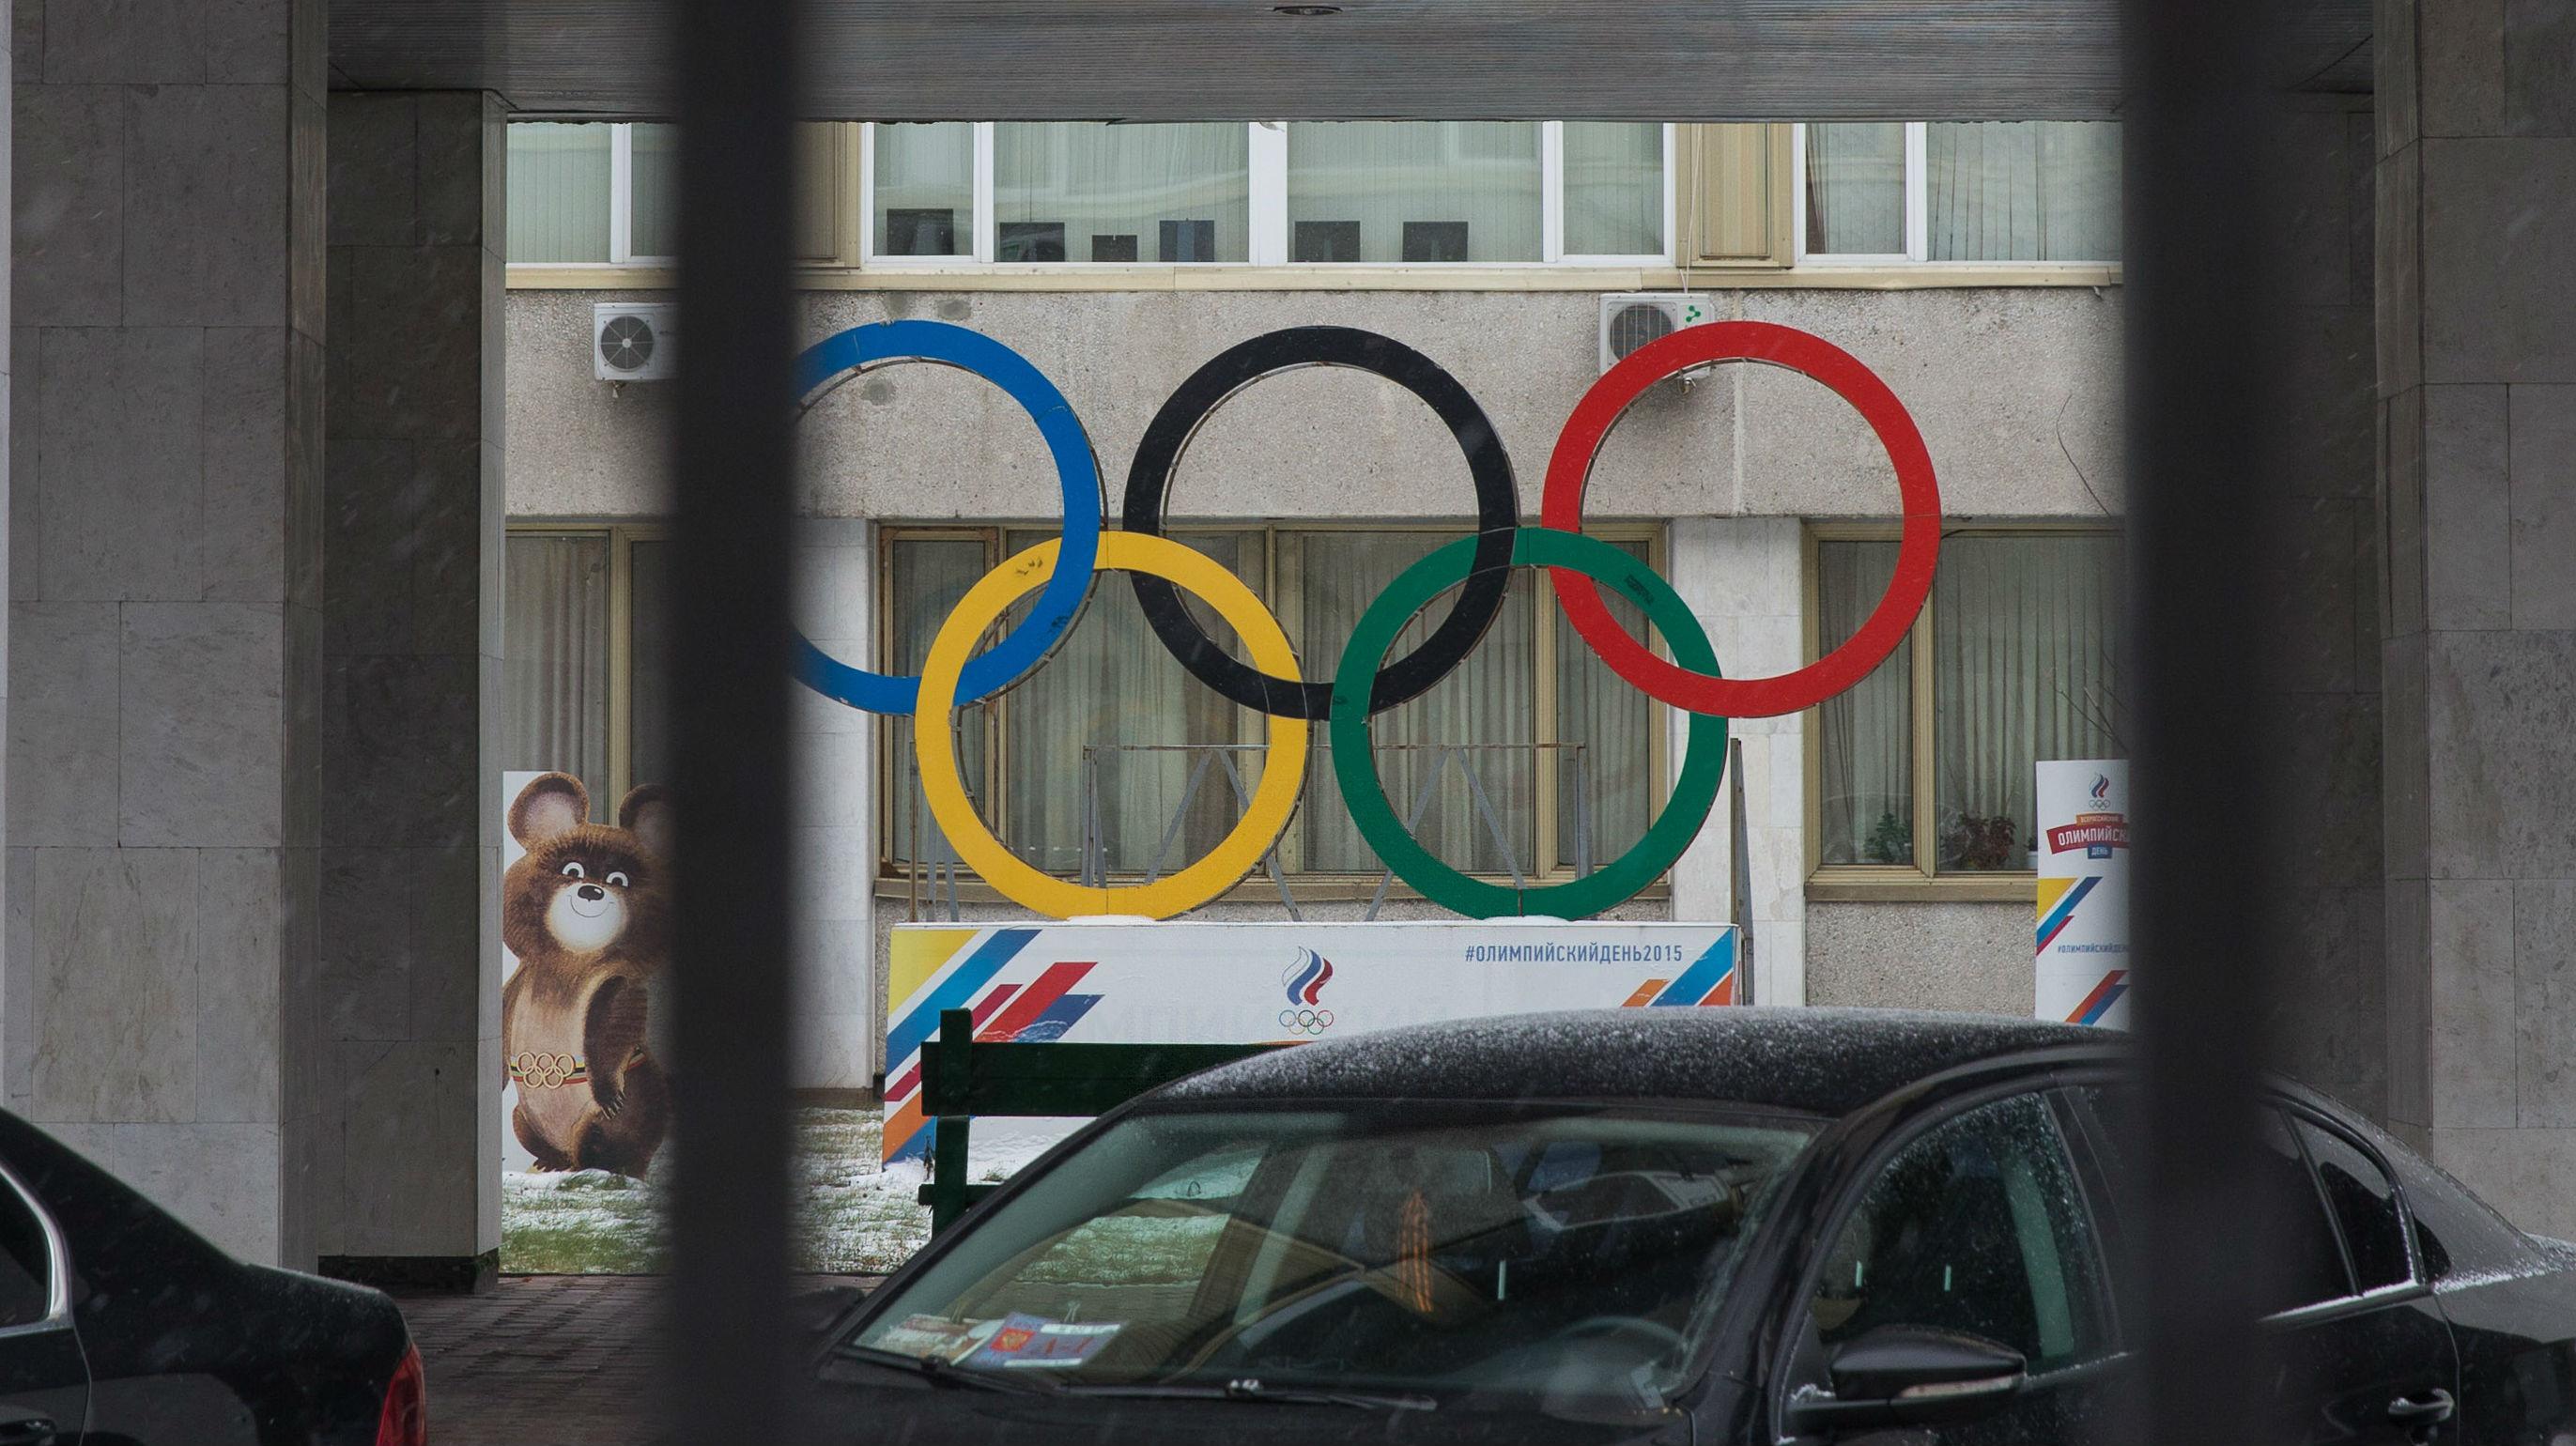 外媒预测:俄罗斯缺席平昌冬奥,奖牌榜谁是最大受益者?